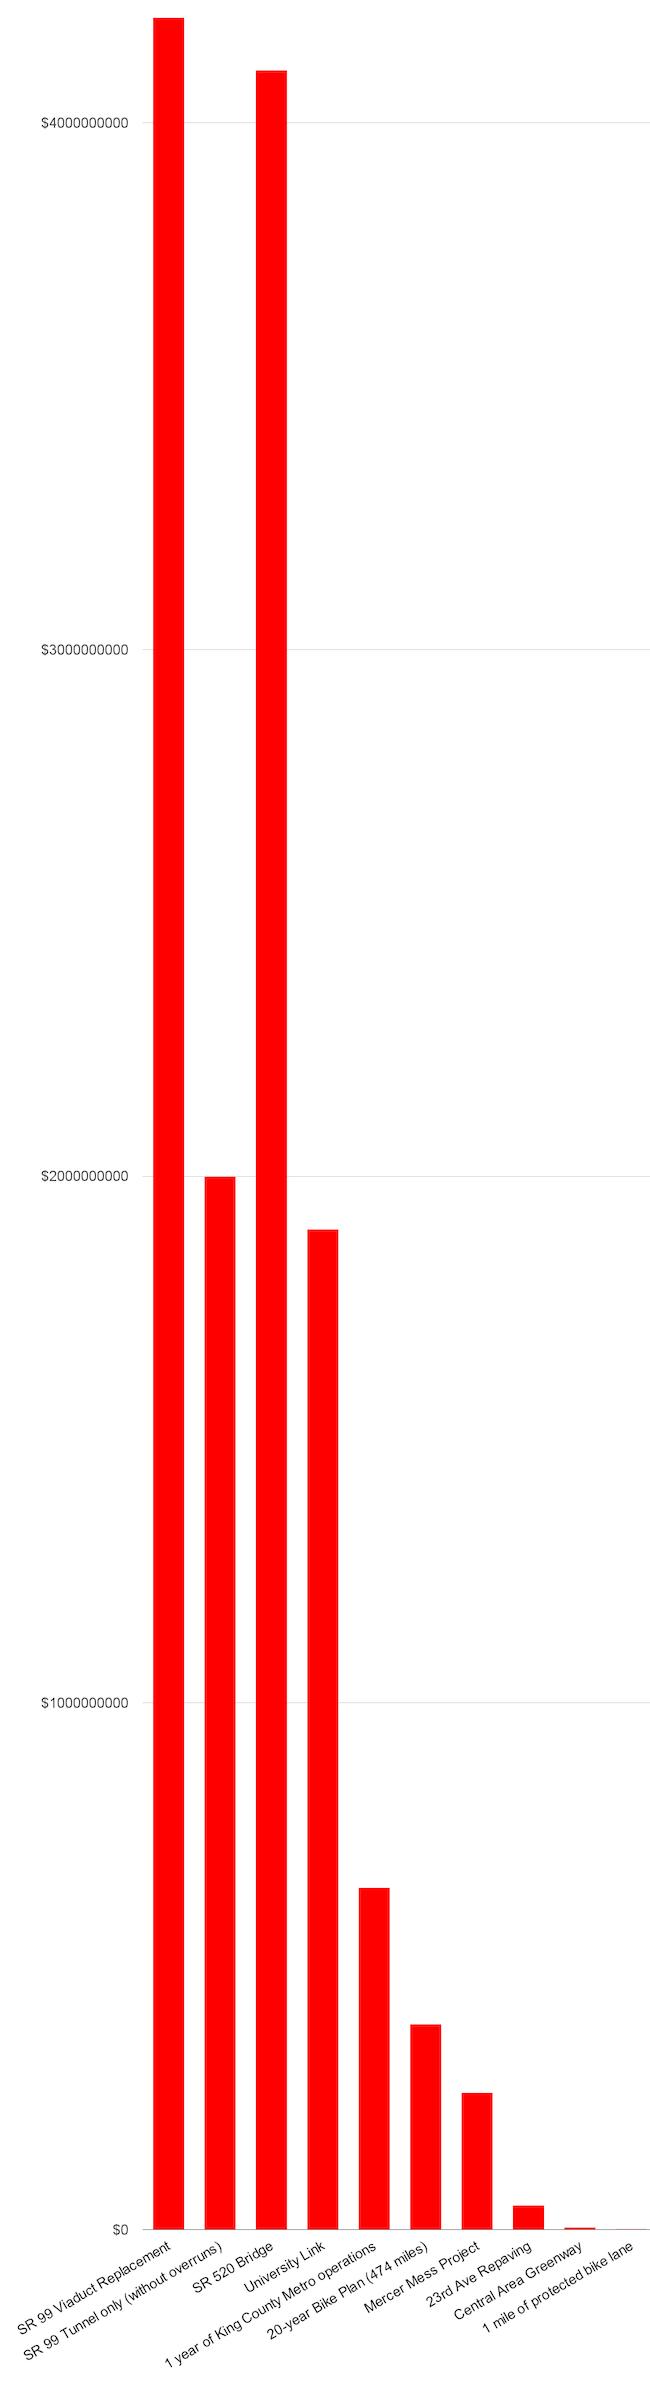 chart_1-6